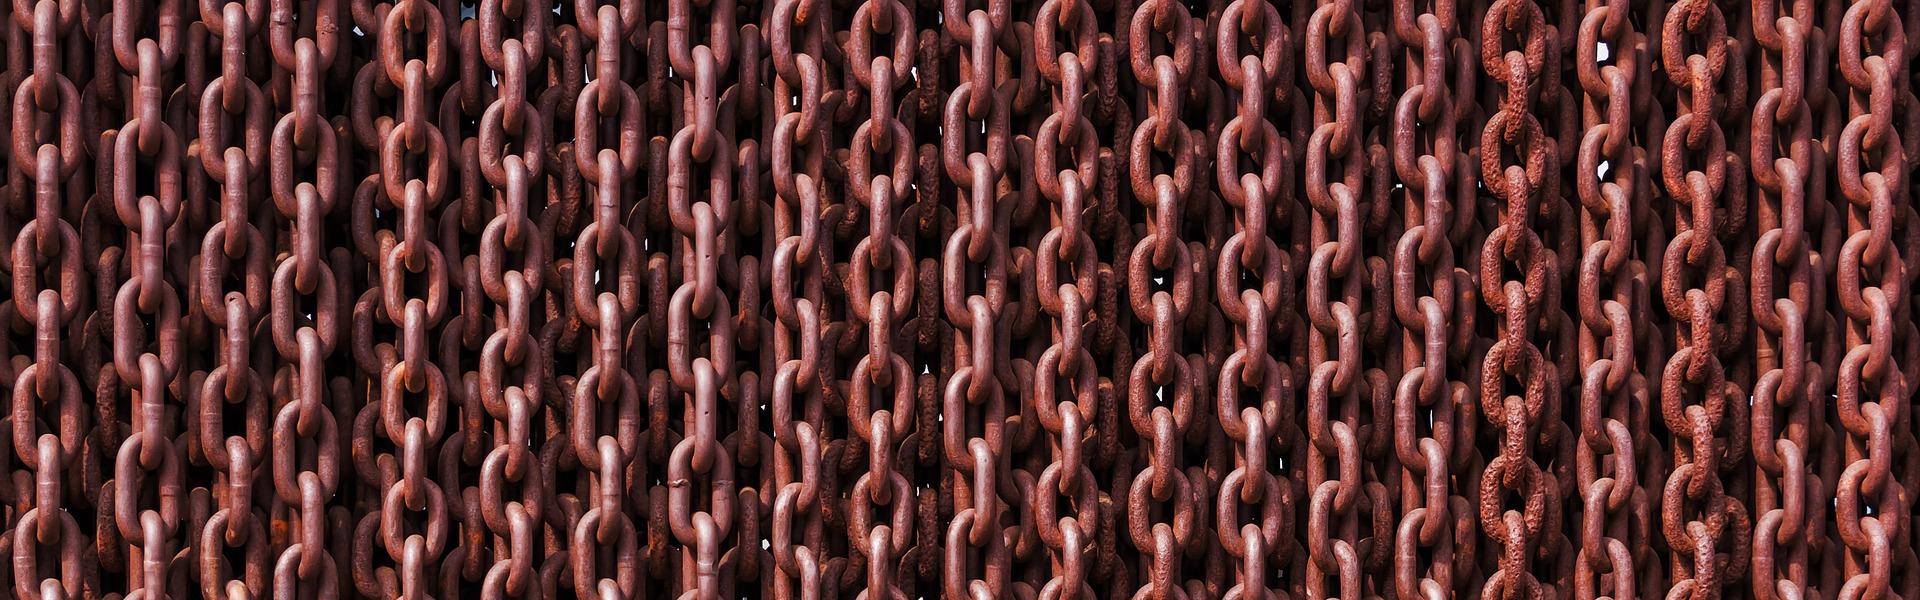 łańcuchy zardzewiałe